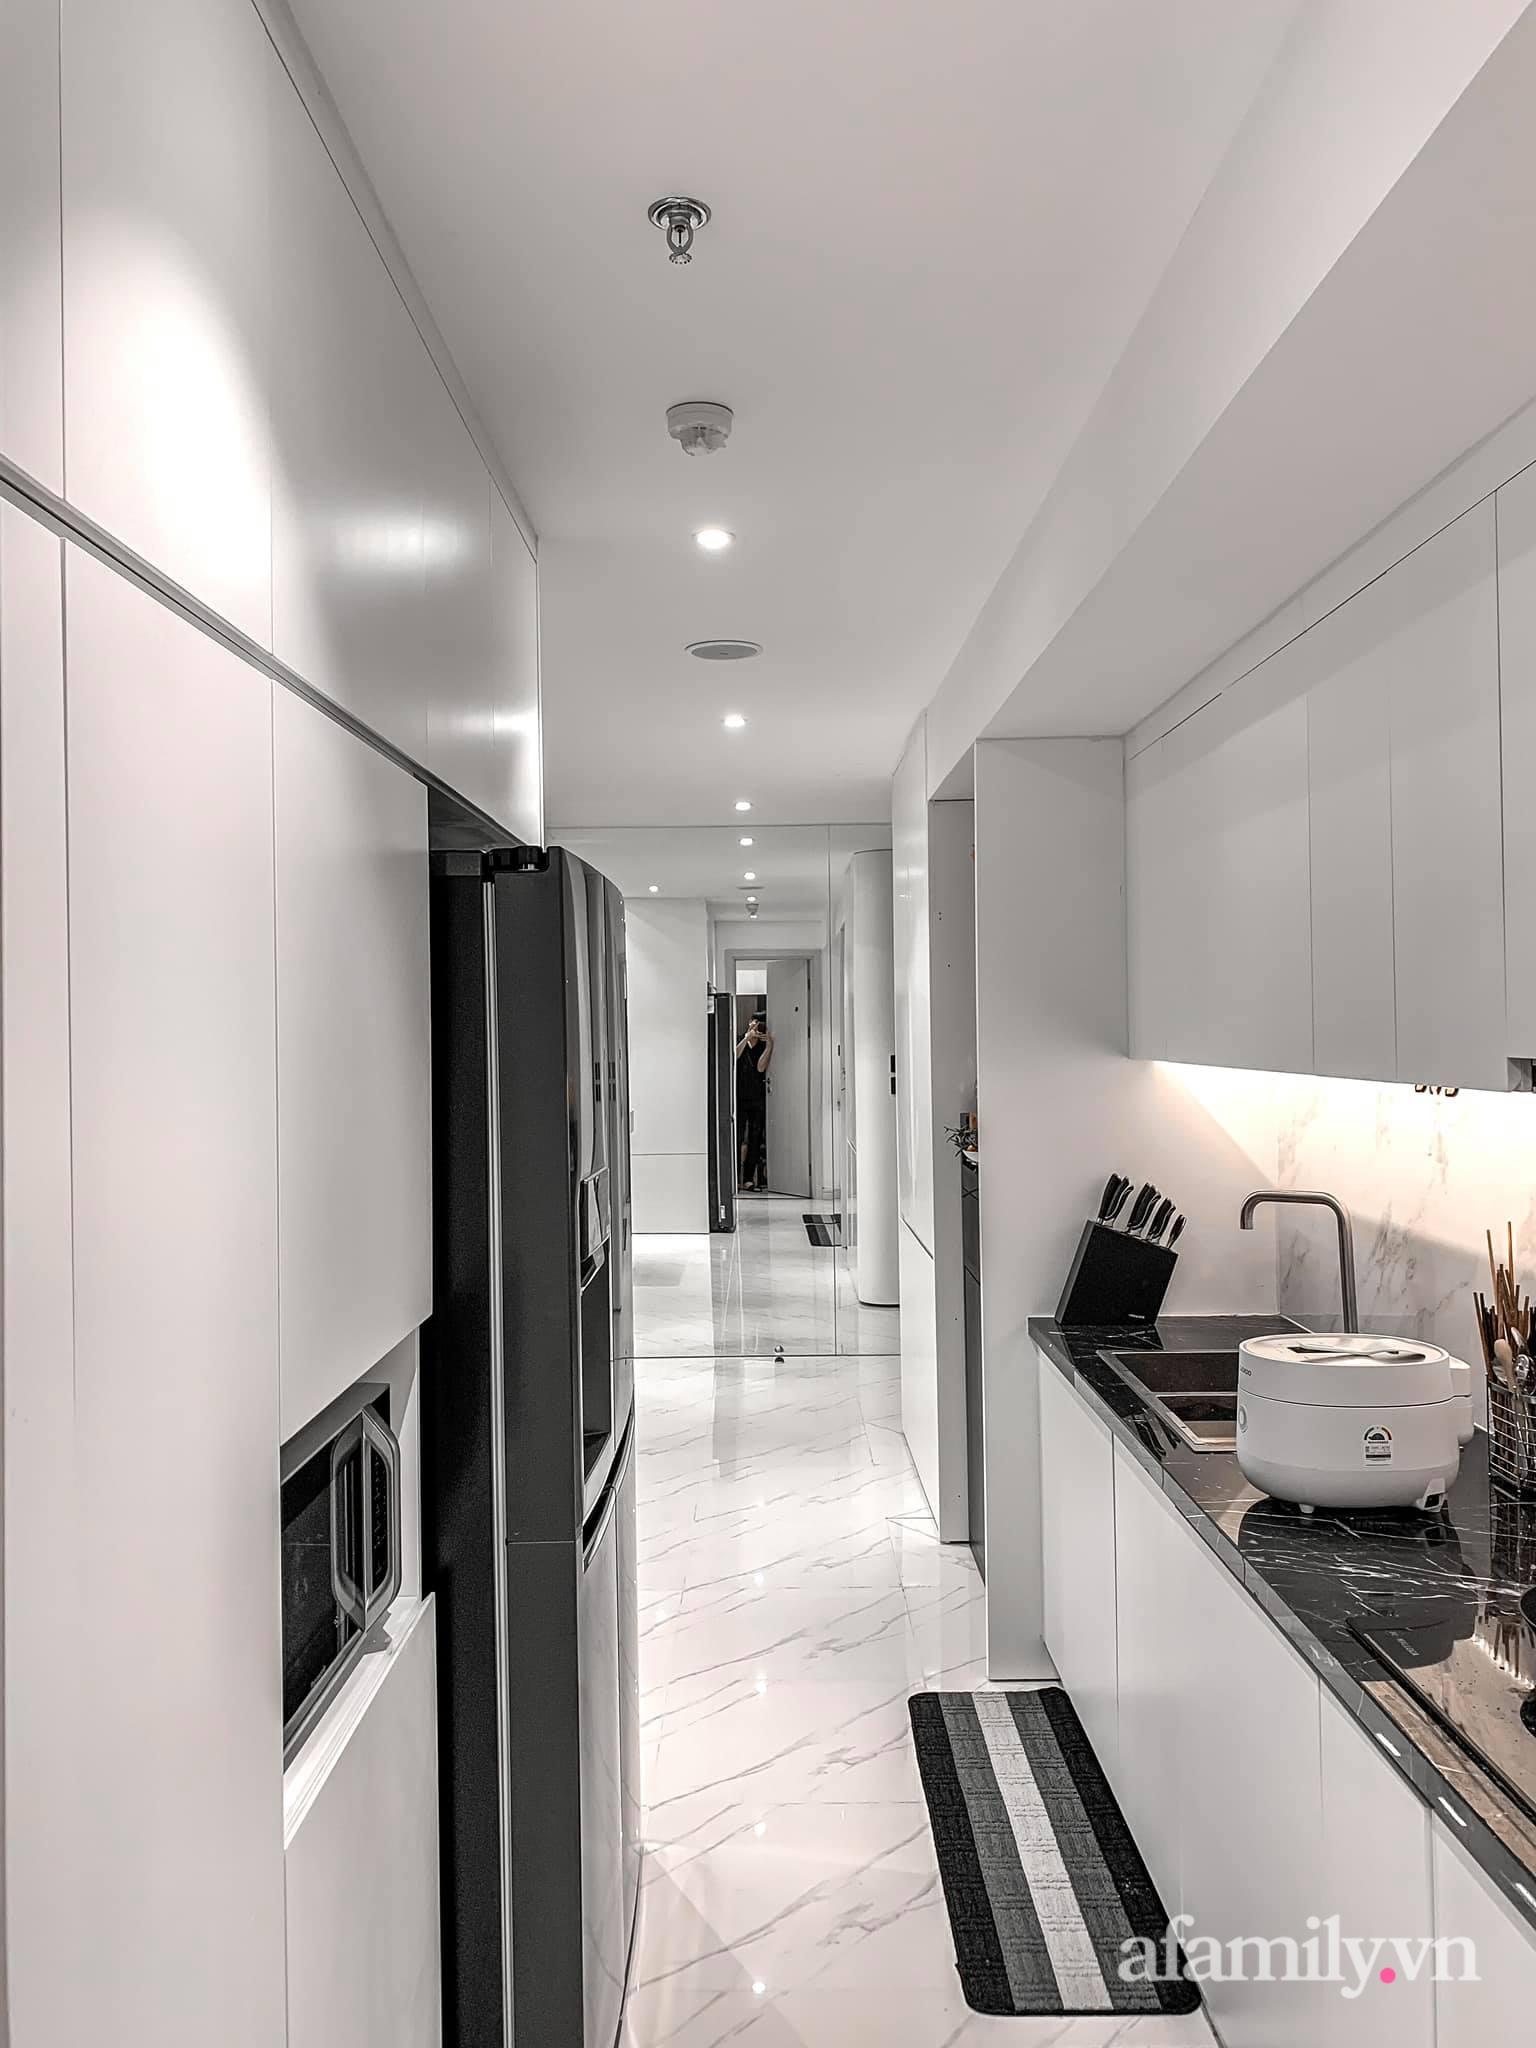 Căn hộ 125m² với gam màu tối cực chất của cặp vợ chồng yêu thời trang ở Hà Nội - Ảnh 17.